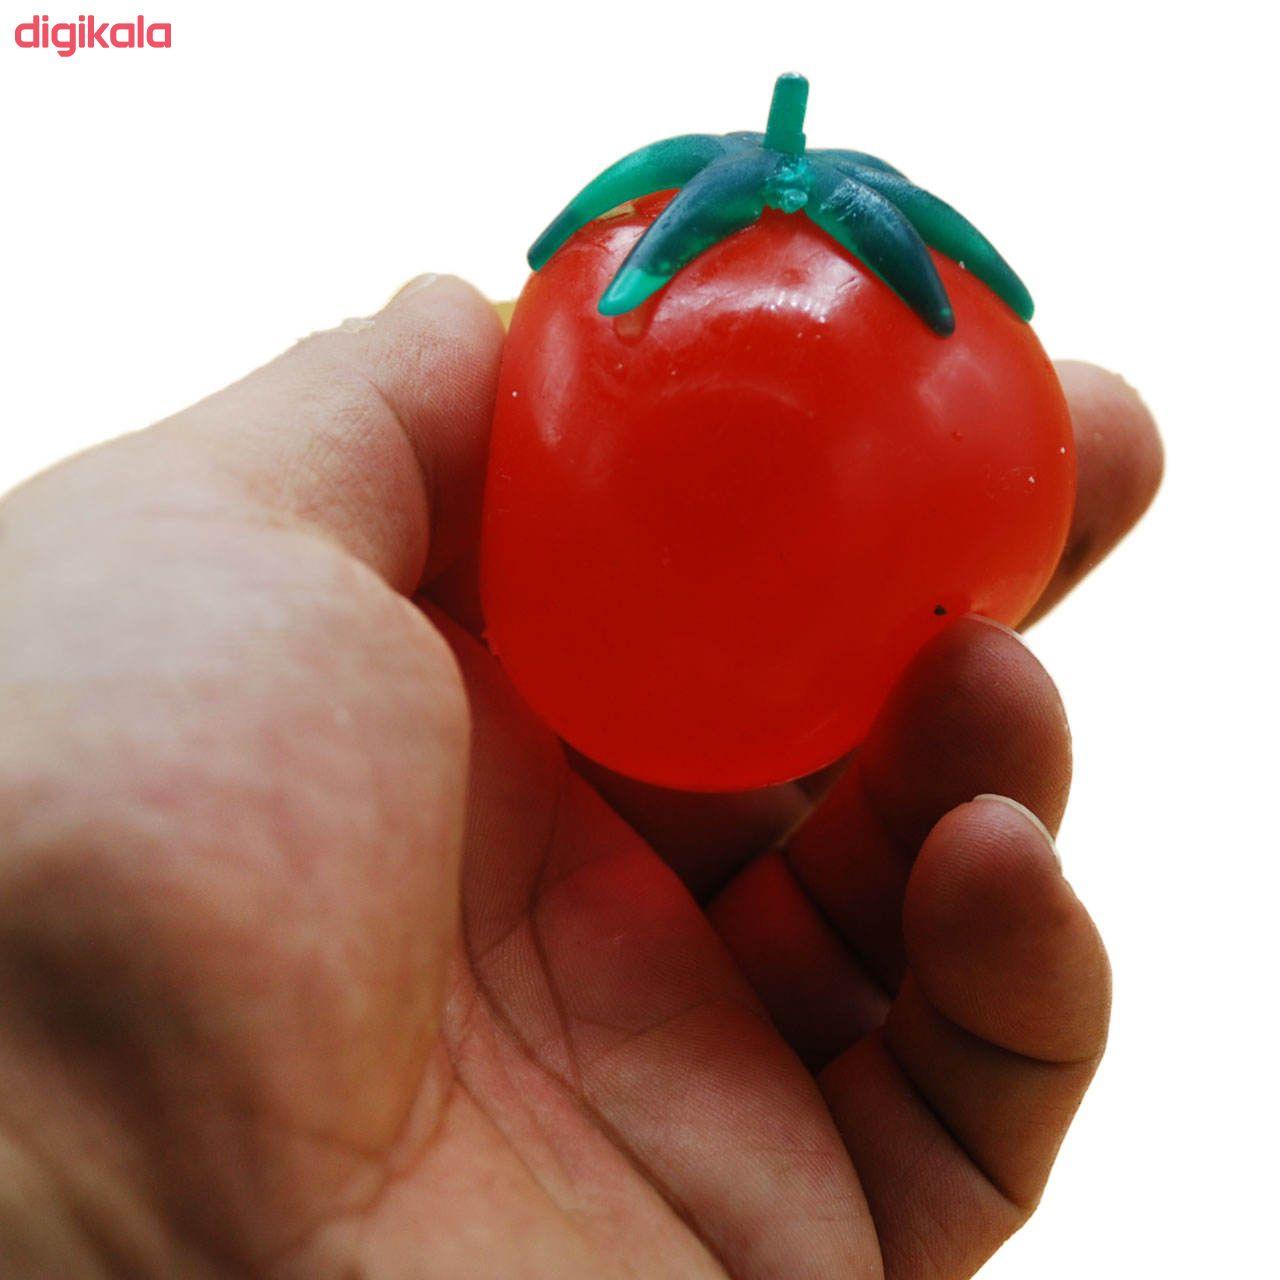 فیجت ضد استرس مدل گوجه pnd1012 main 1 1